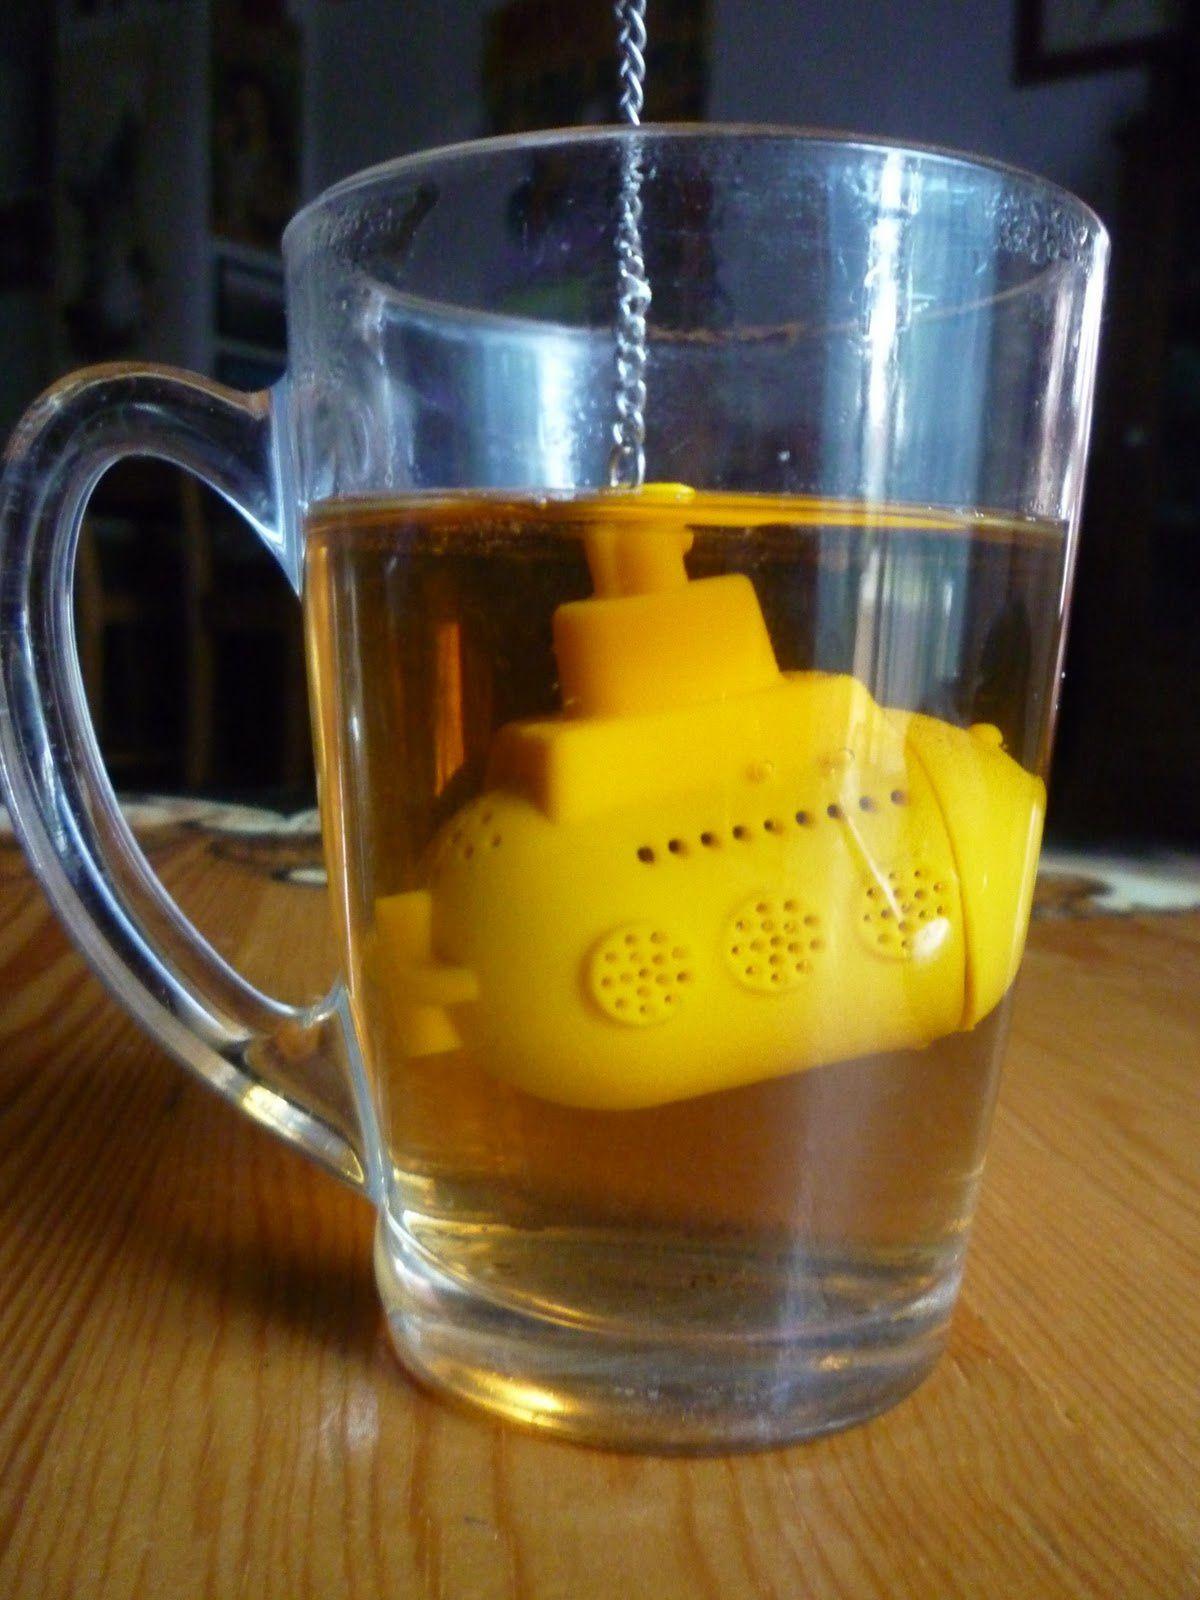 Moi le thé, je le bois à l'anglaise!